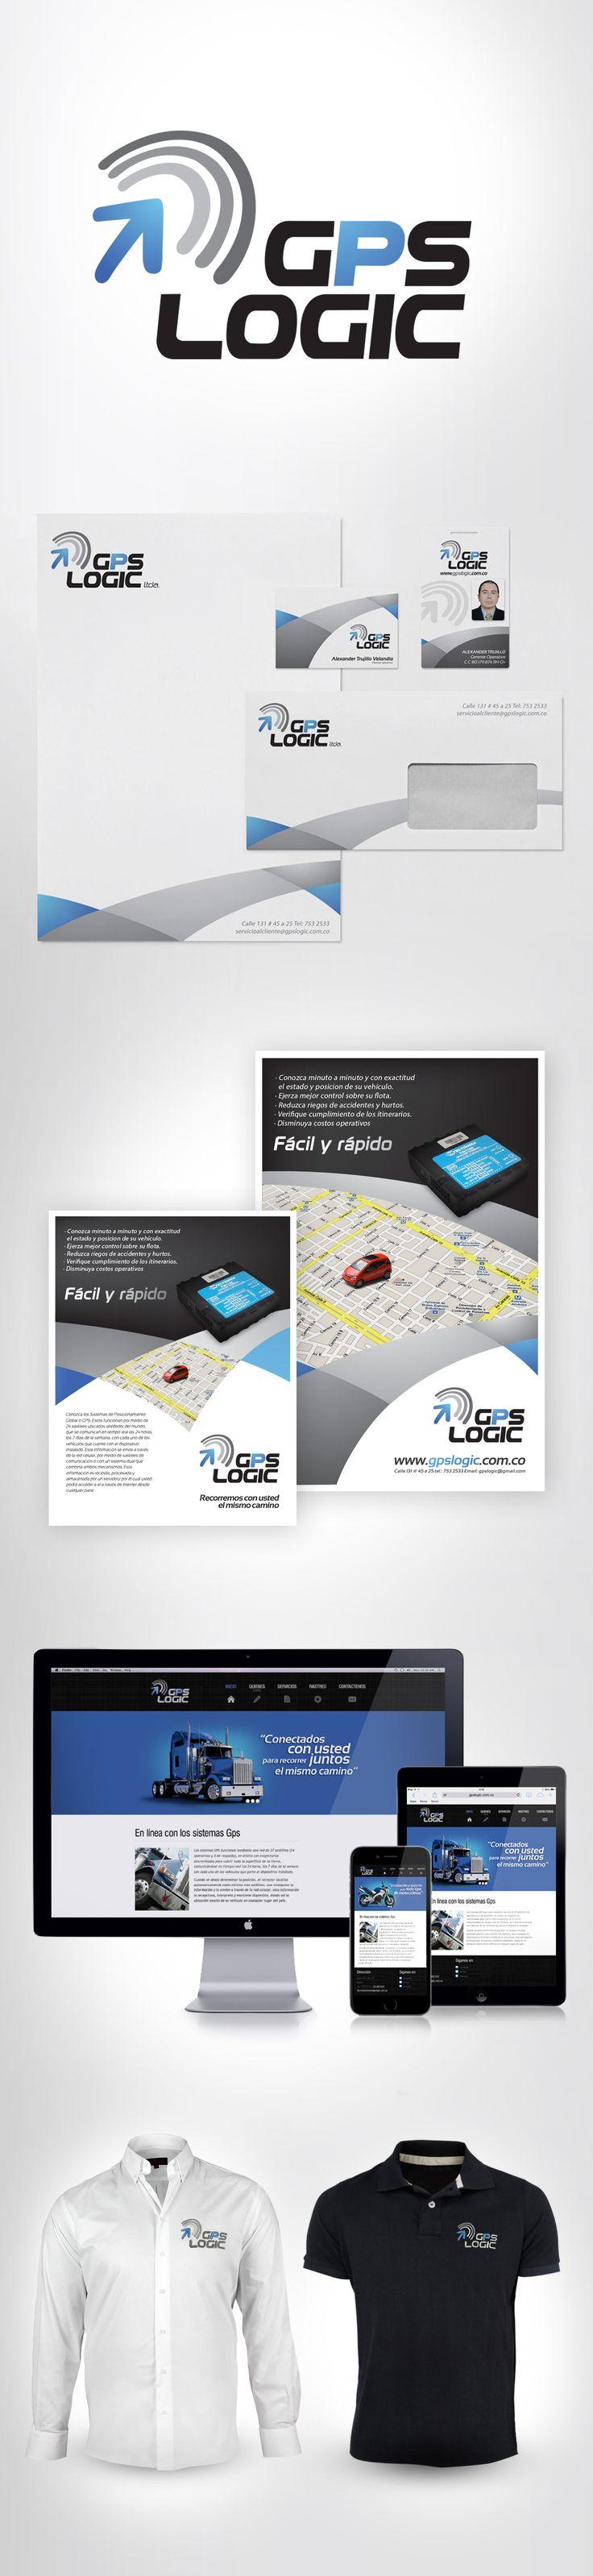 diseño de imagen Gps Logic #branding #graphicdesign